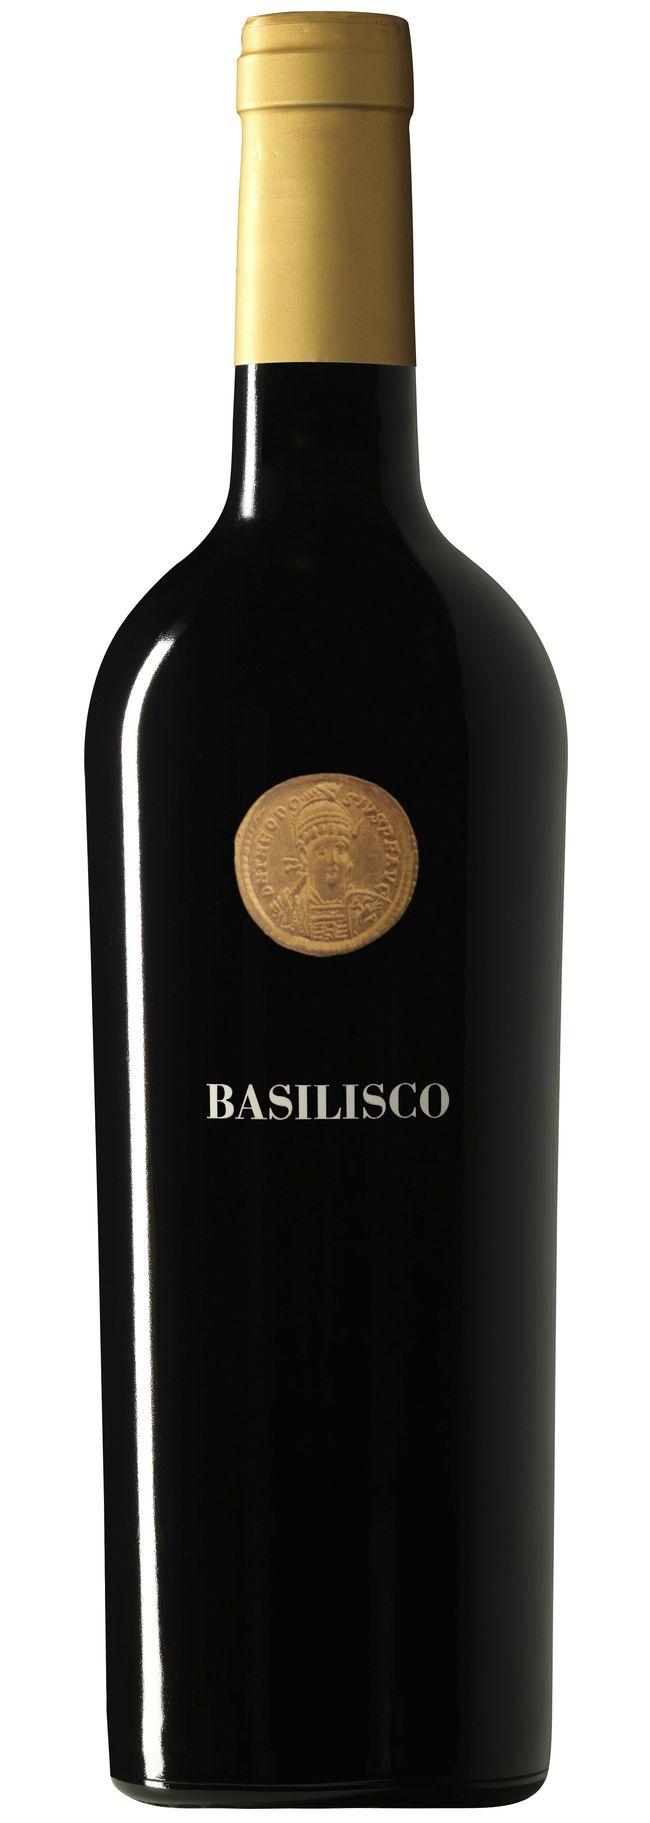 Basilisco Aglianico 2009